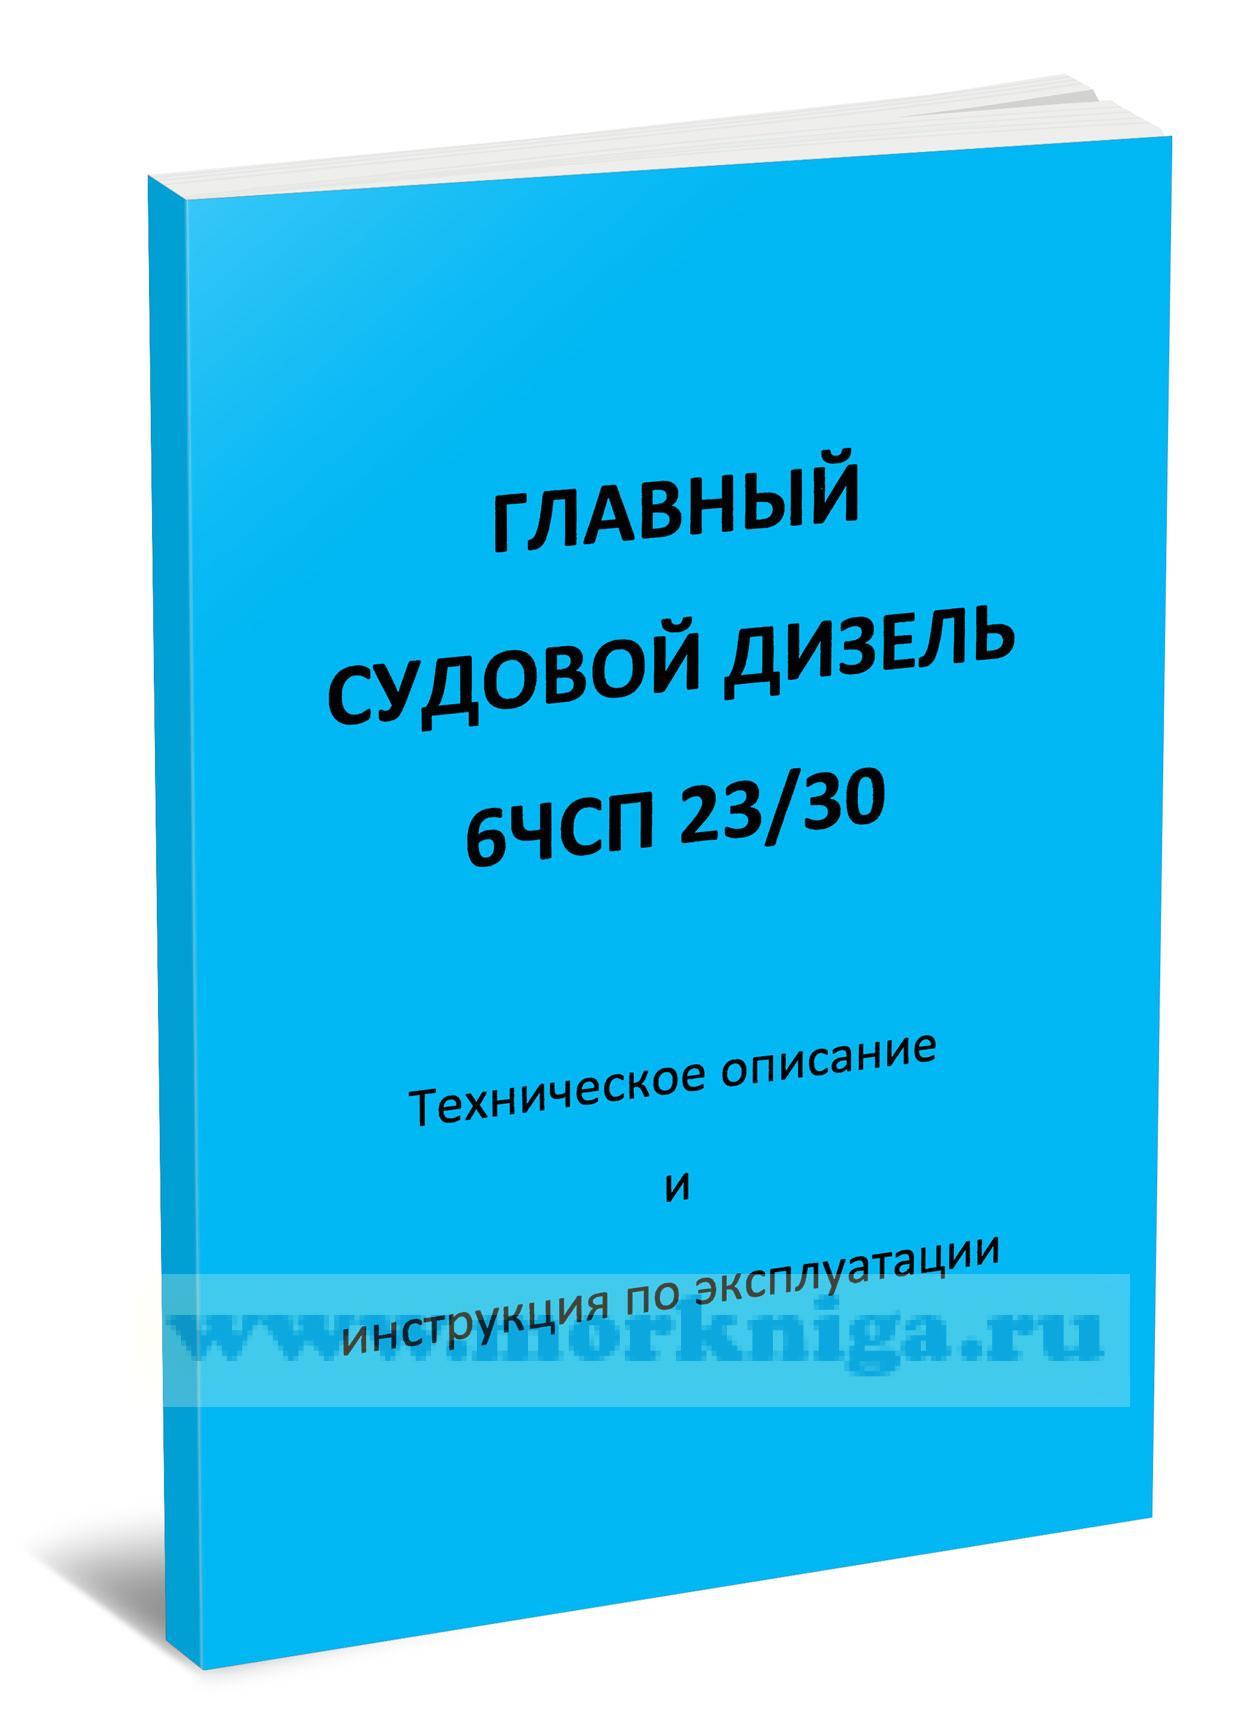 Главный судовой дизель 6ЧСП 23/30. Техническое описание и инструкция по эксплуатации